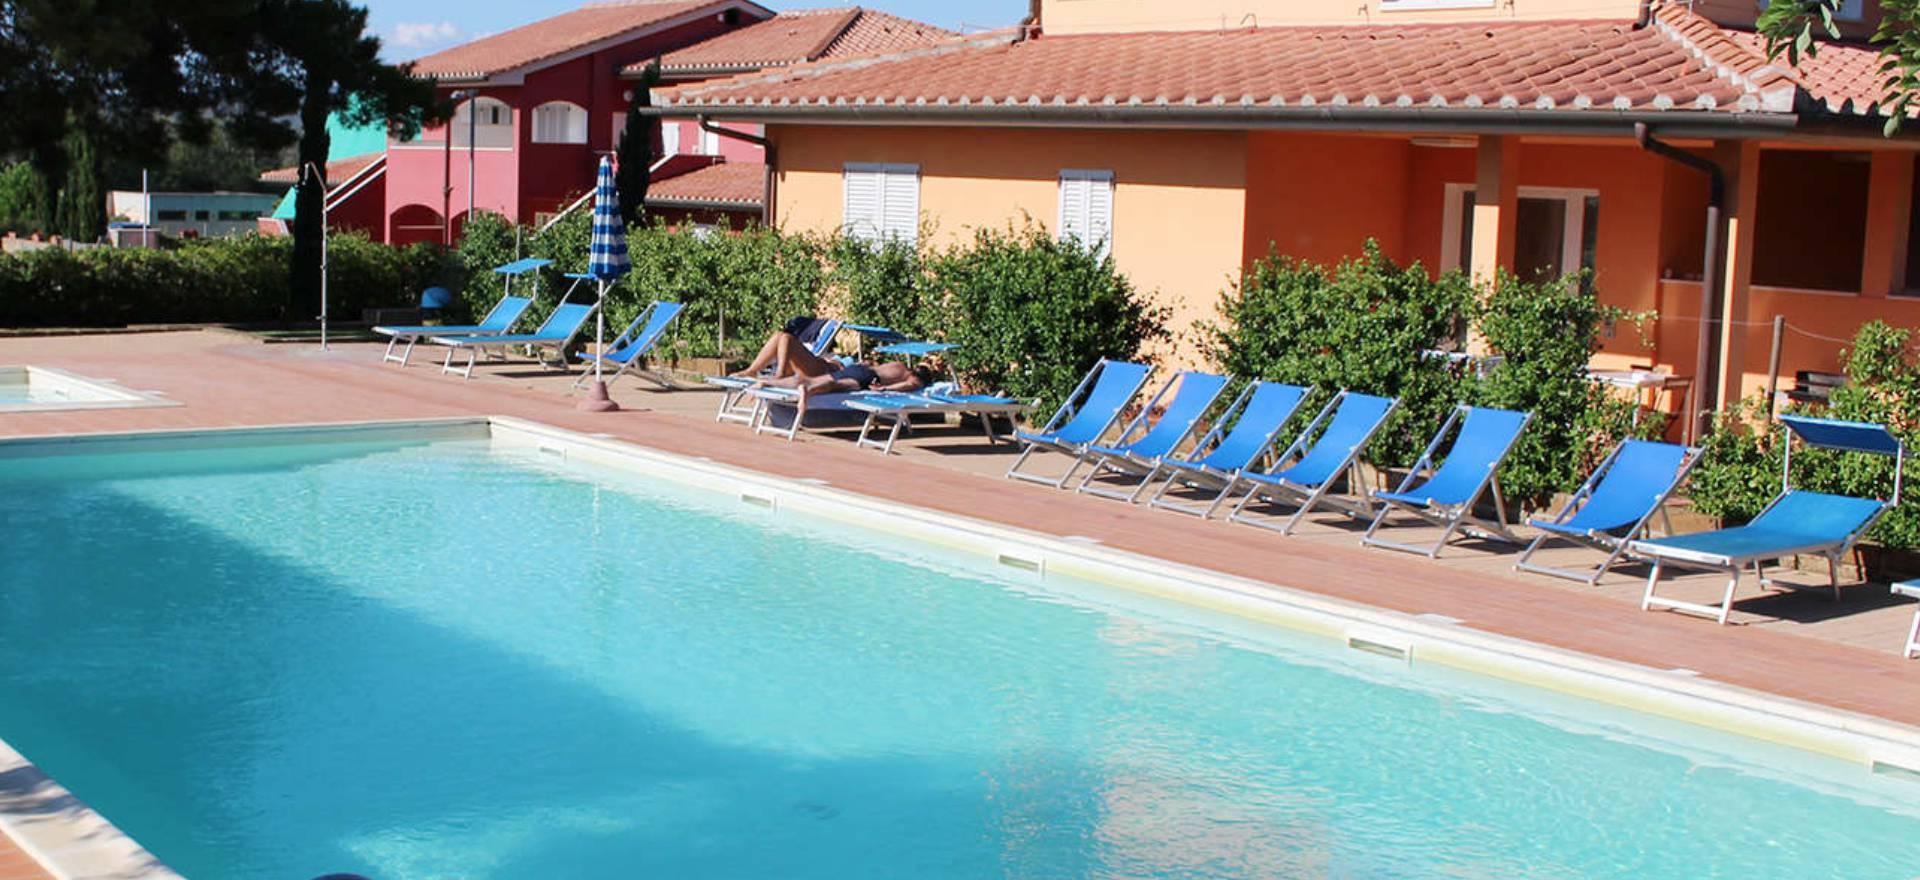 Residence met zwembad bij het strand in toscane - Zwembad met strand ...